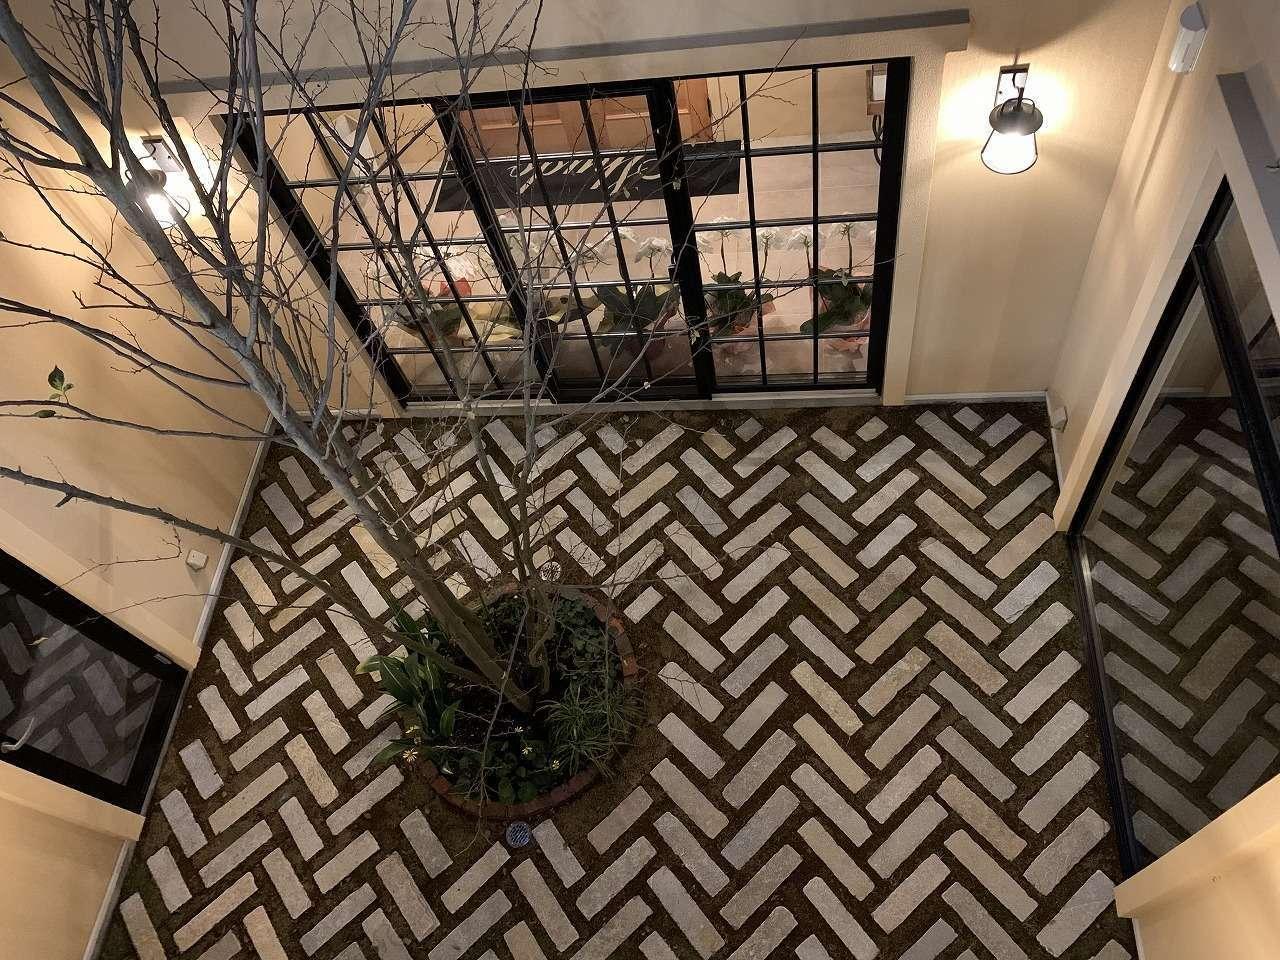 ツリーズ【デザイン住宅、輸入住宅、建築家】中庭の床はヘリンボーン張りのフロアタイル。窓の黒い格子もヨーロッパ風でテンションが上がる